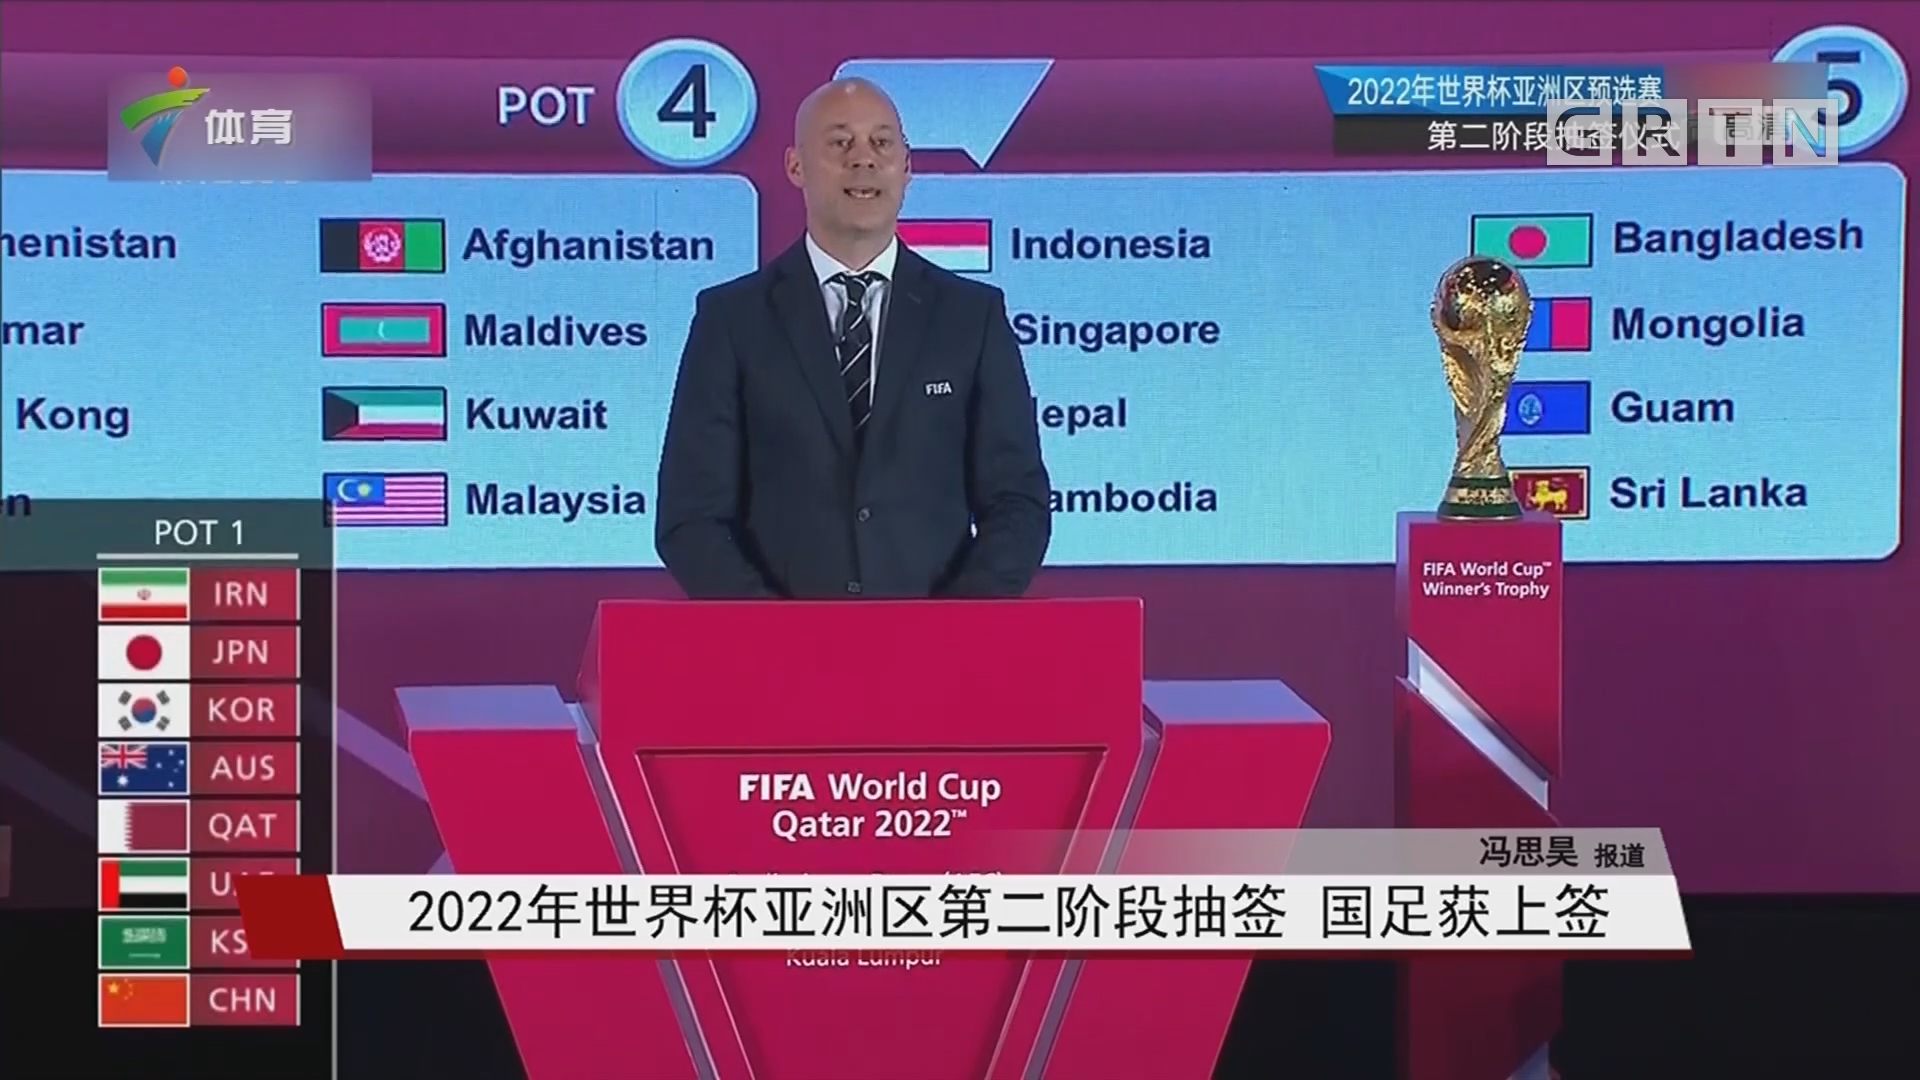 2022年世界杯亚洲区第二阶段抽签 国足获上签